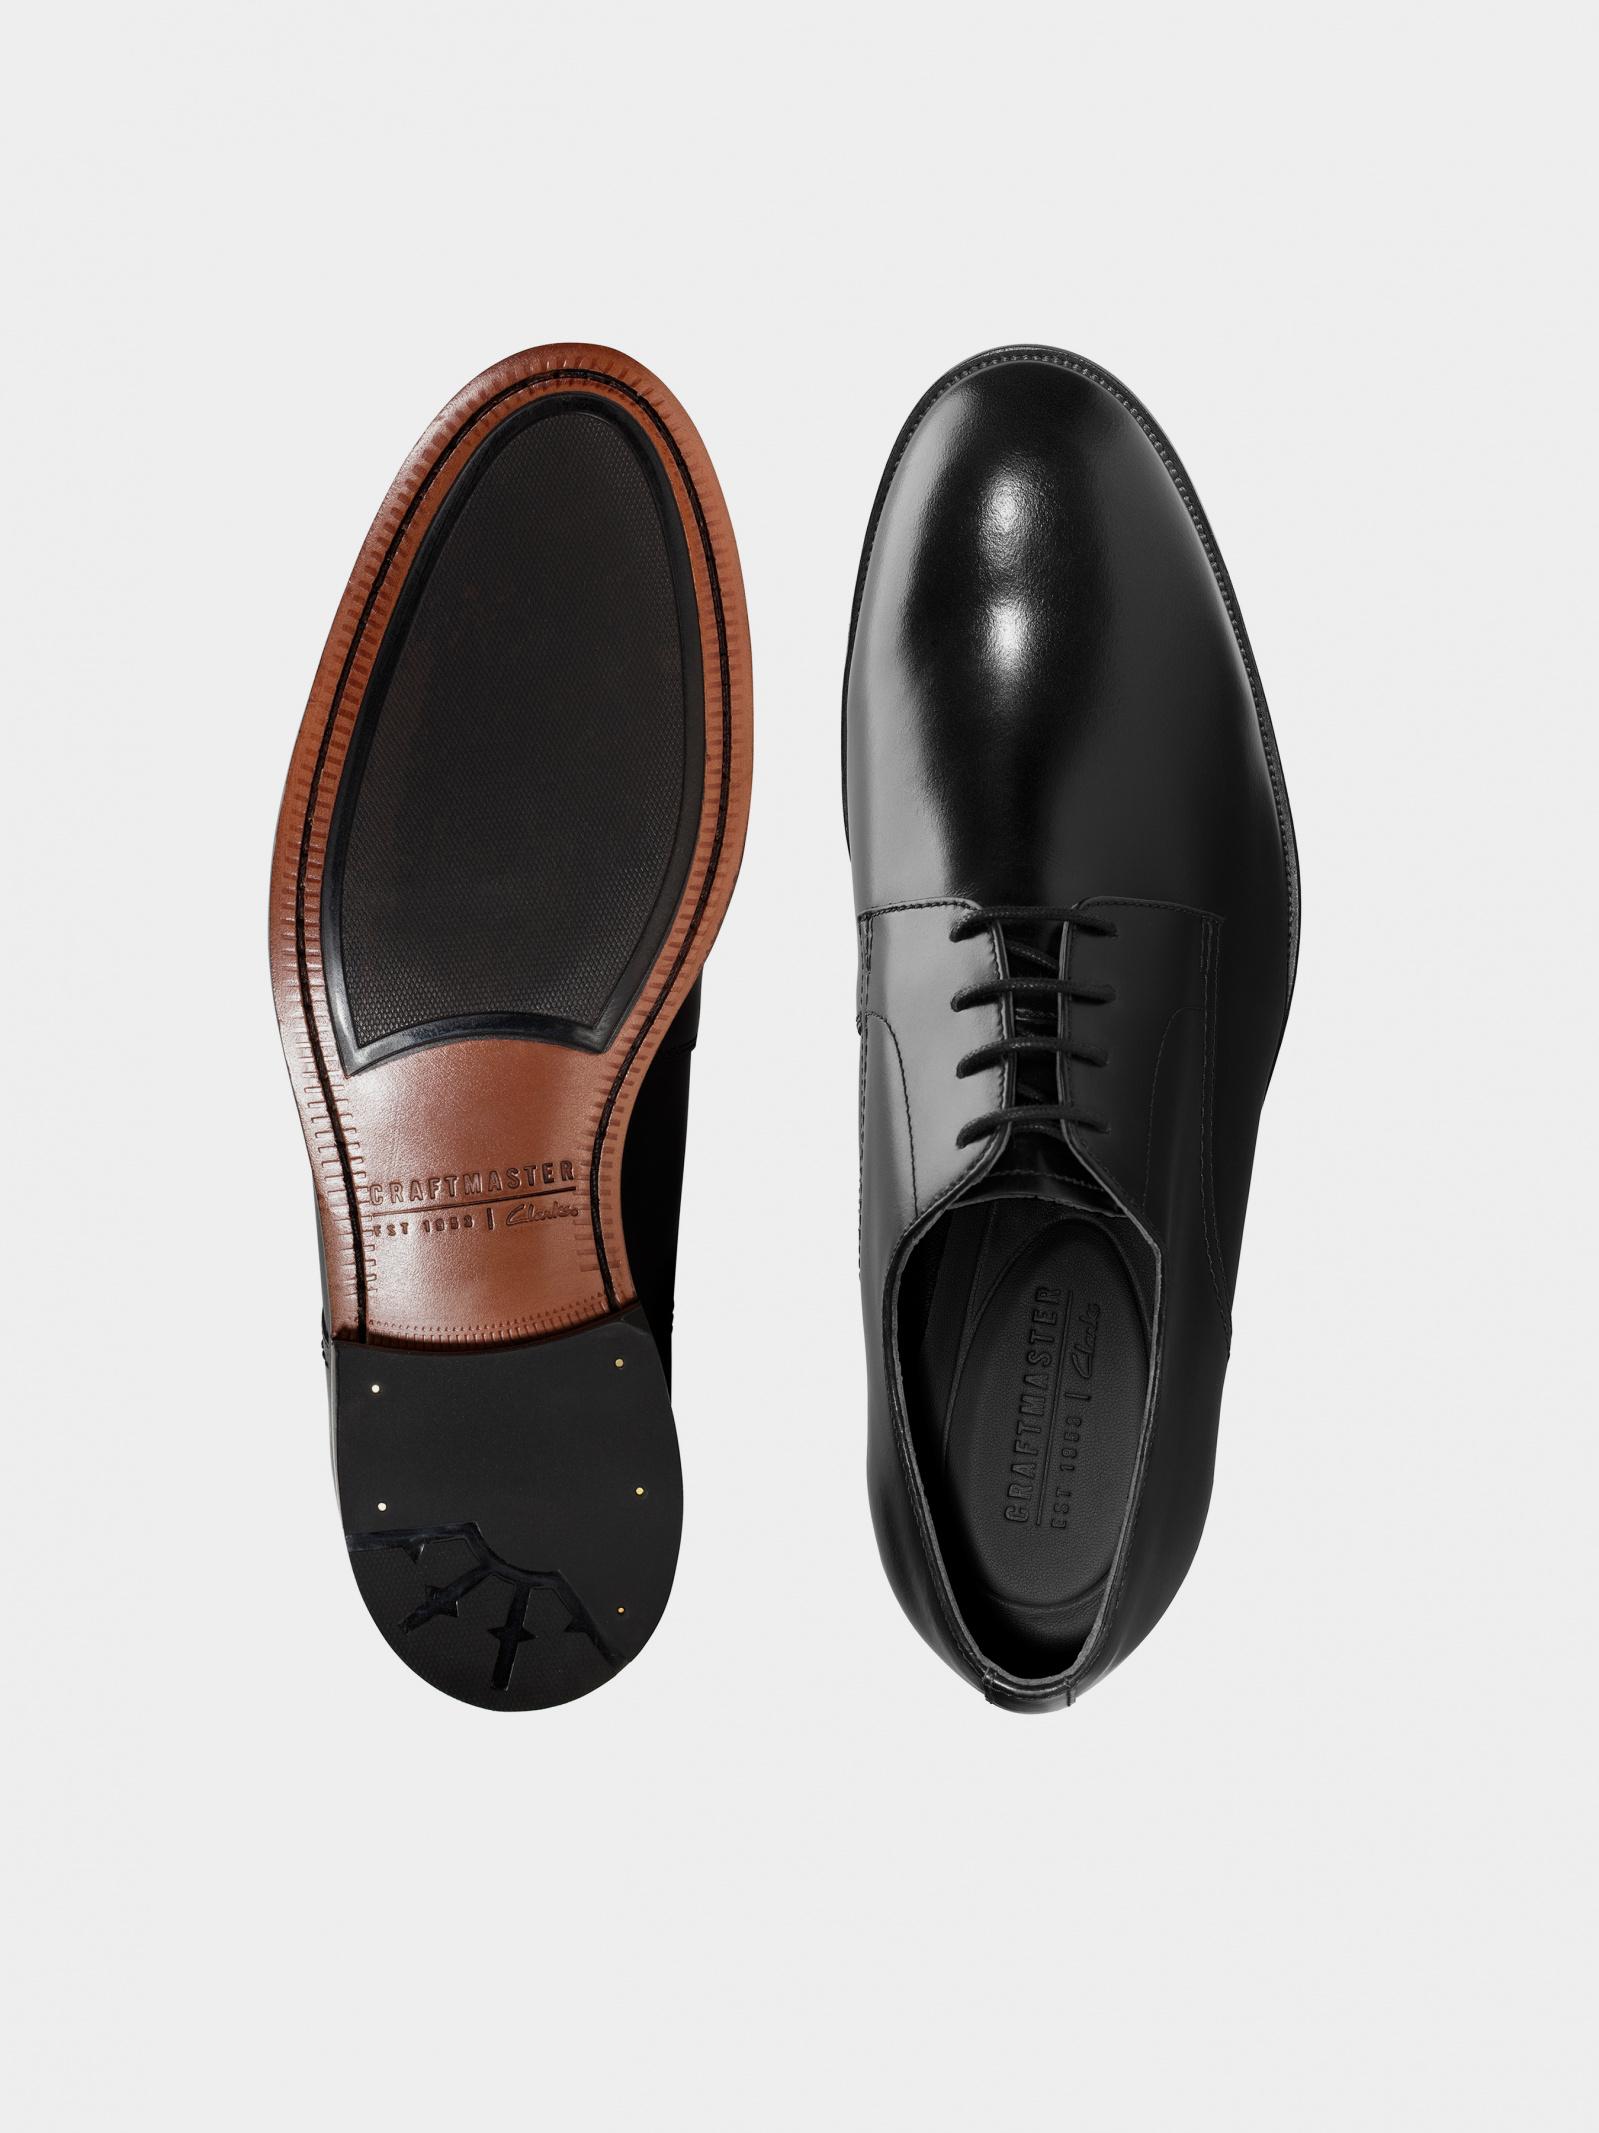 Туфлі  для чоловіків Clarks 26143580 26143580 дивитися, 2017